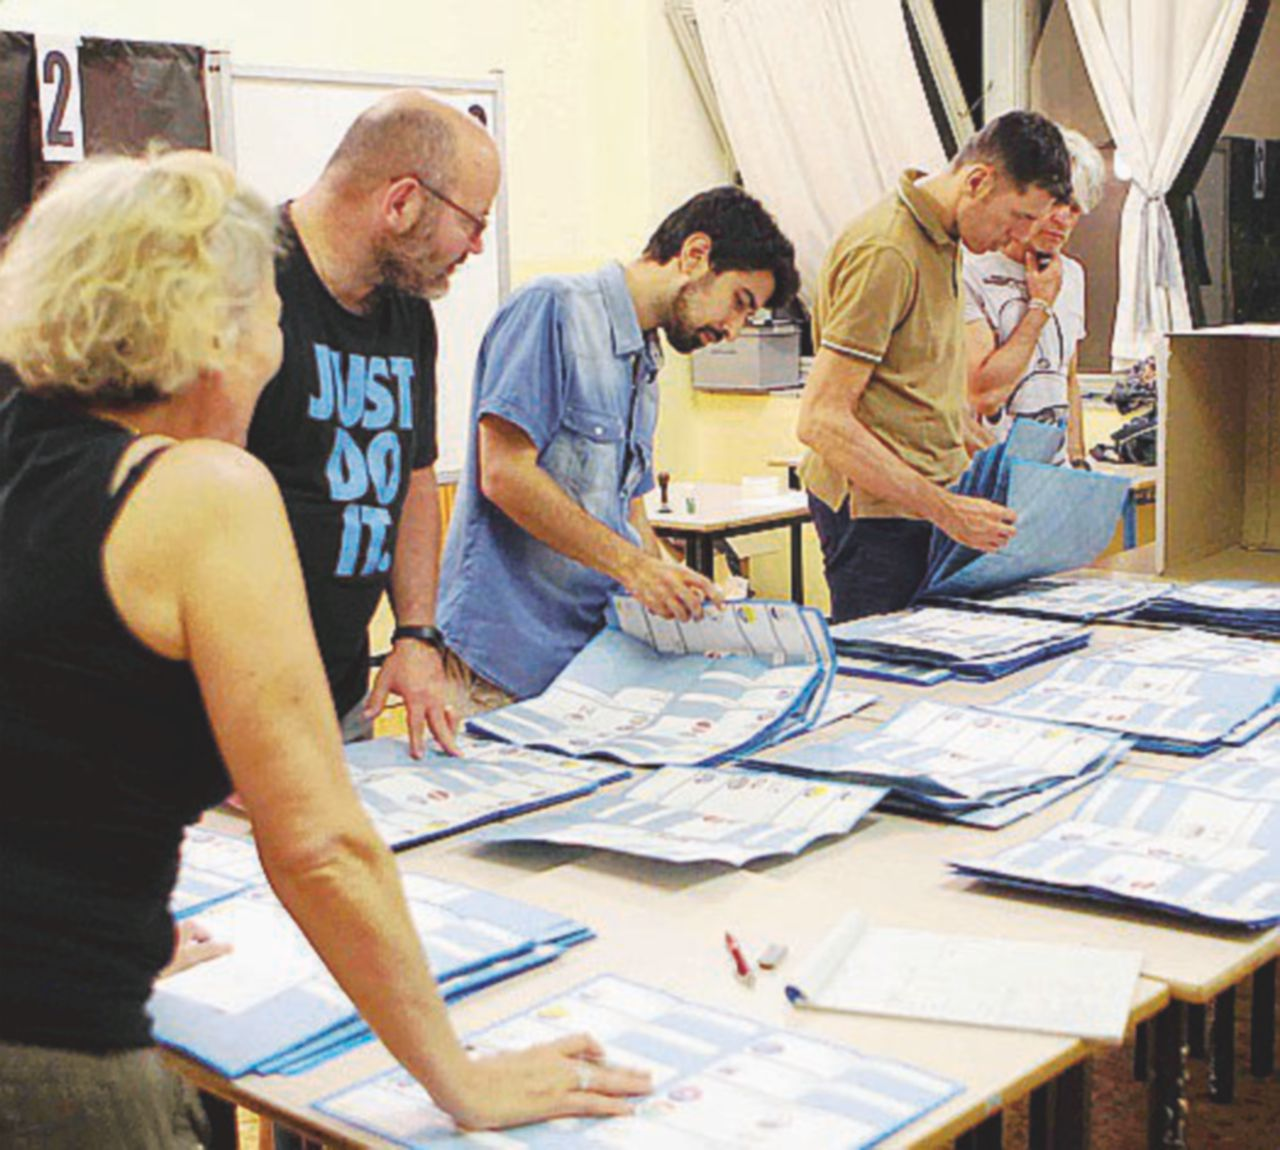 Oggi i ballottaggi in 111 Comuni. Il Pd rischia (non solo) Genova